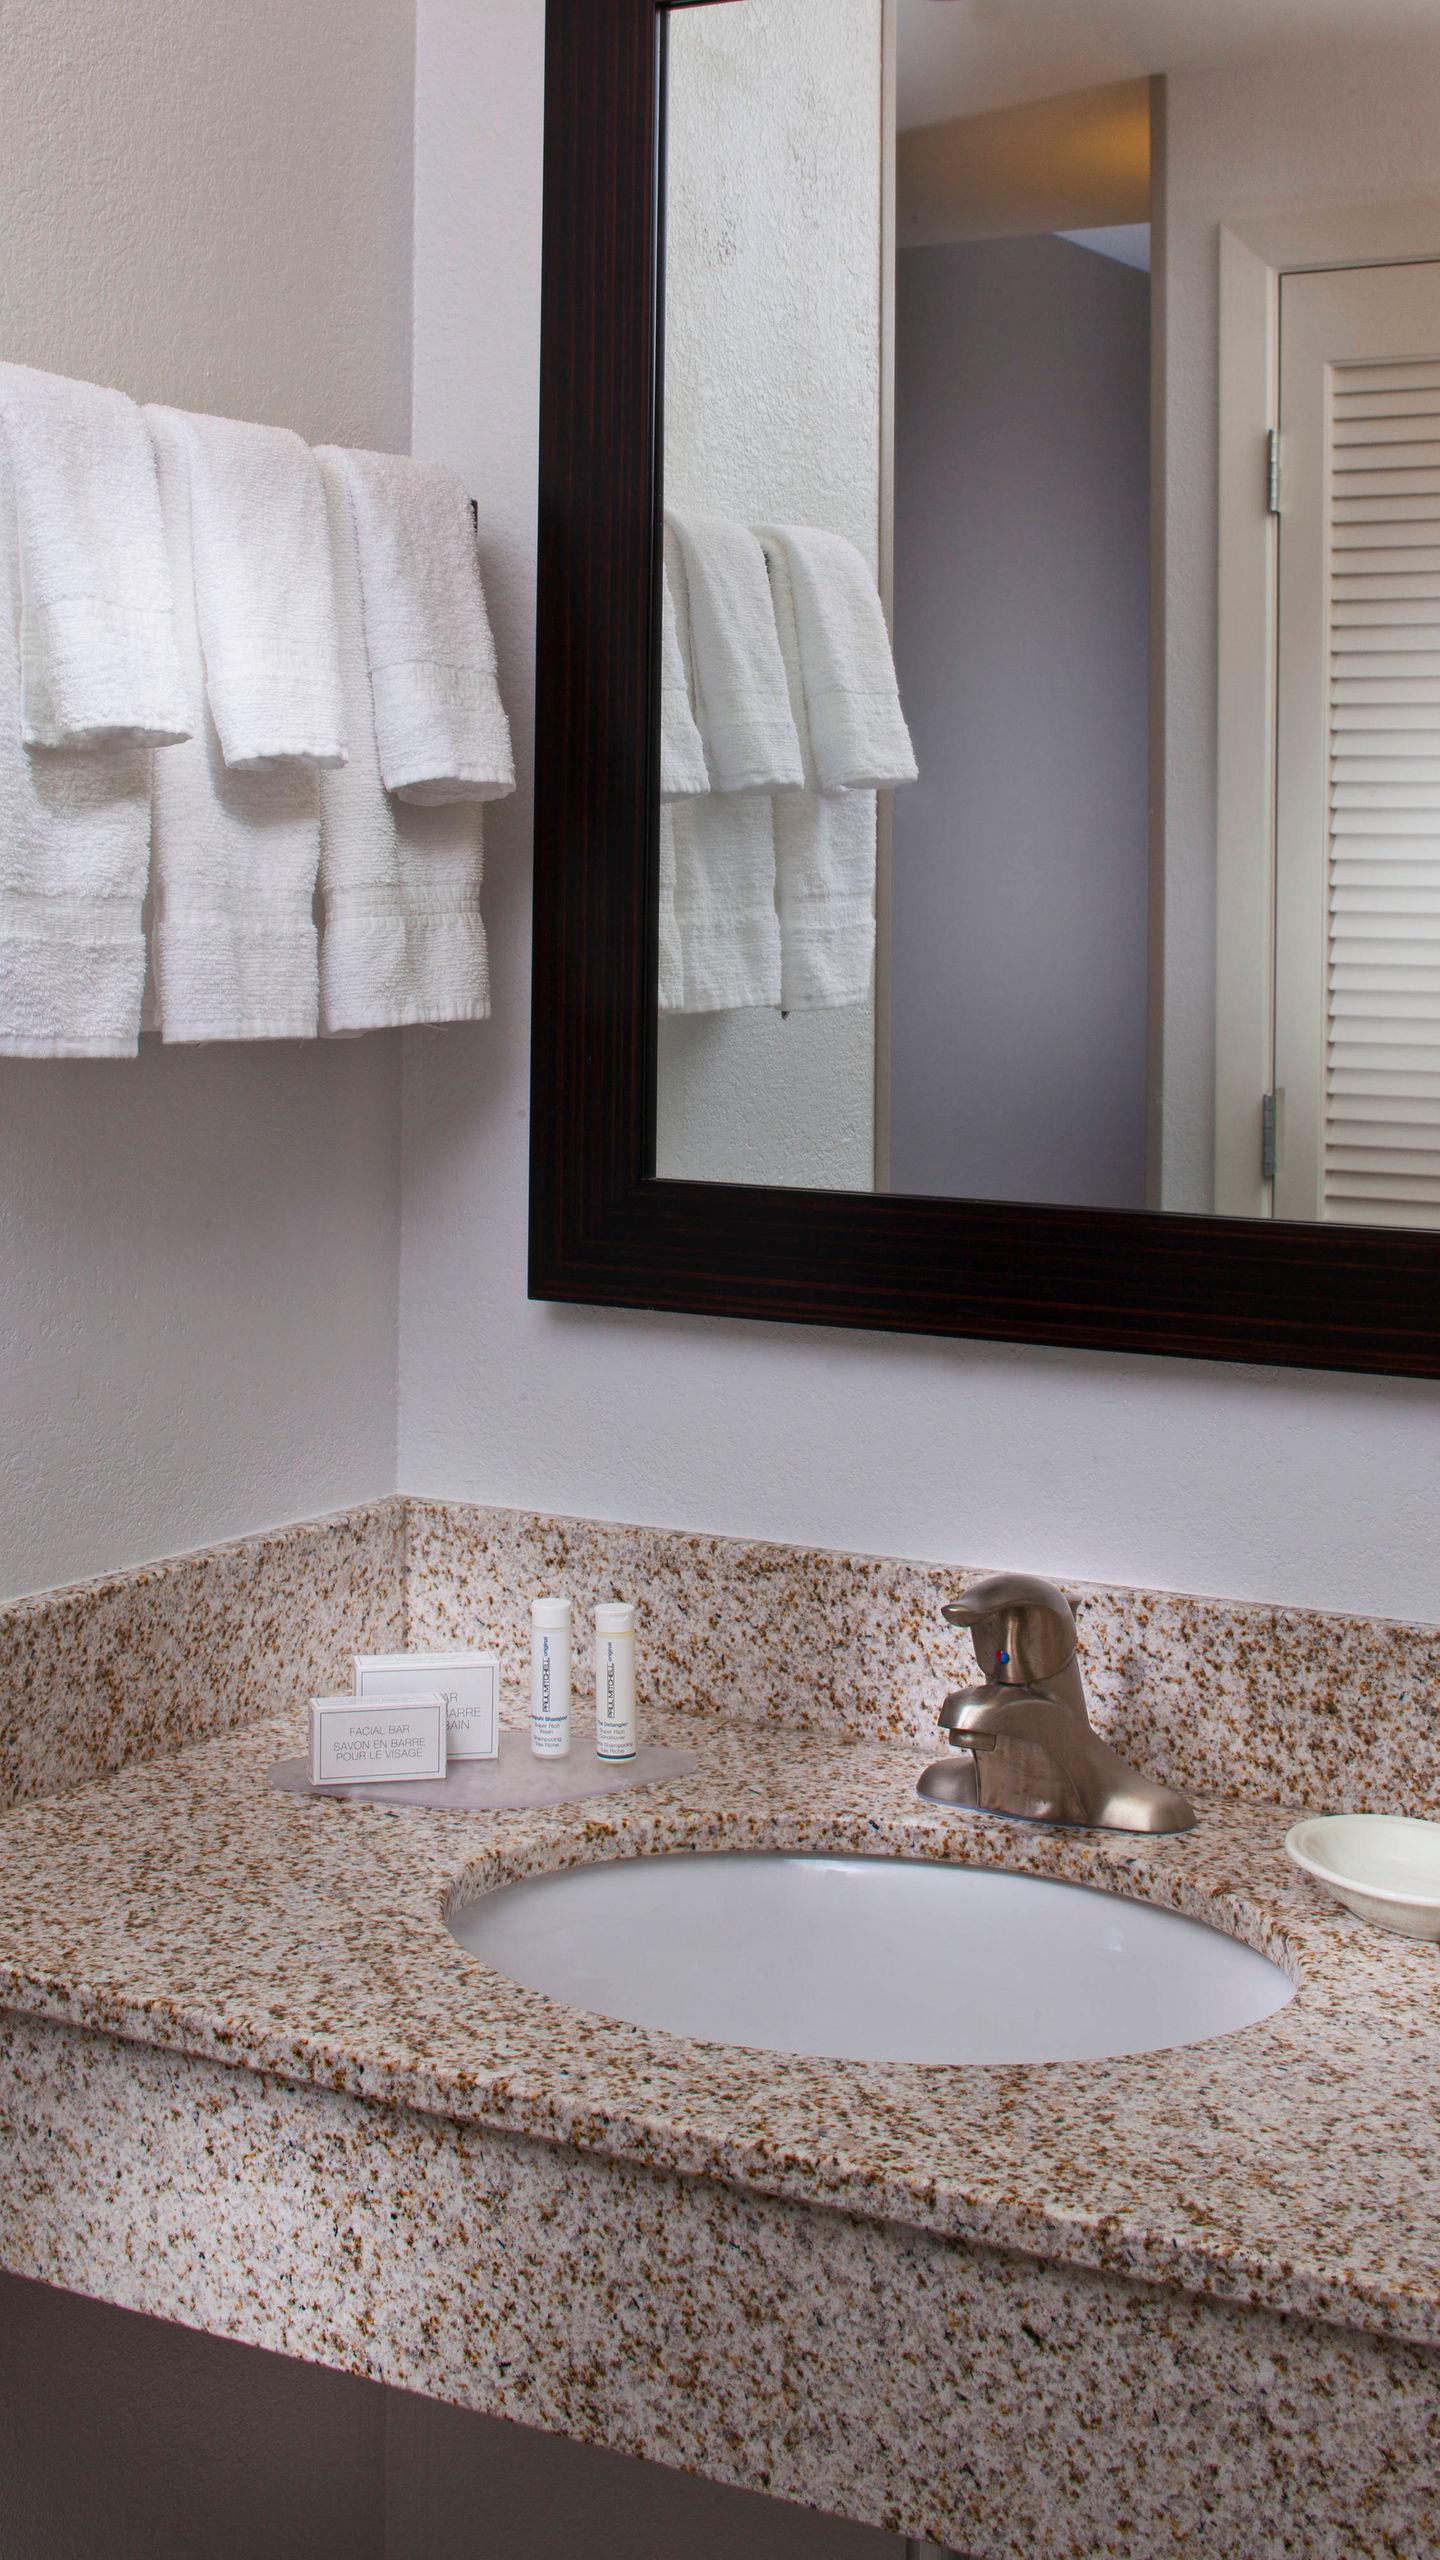 msycm-bathroom-0047-ver-wide